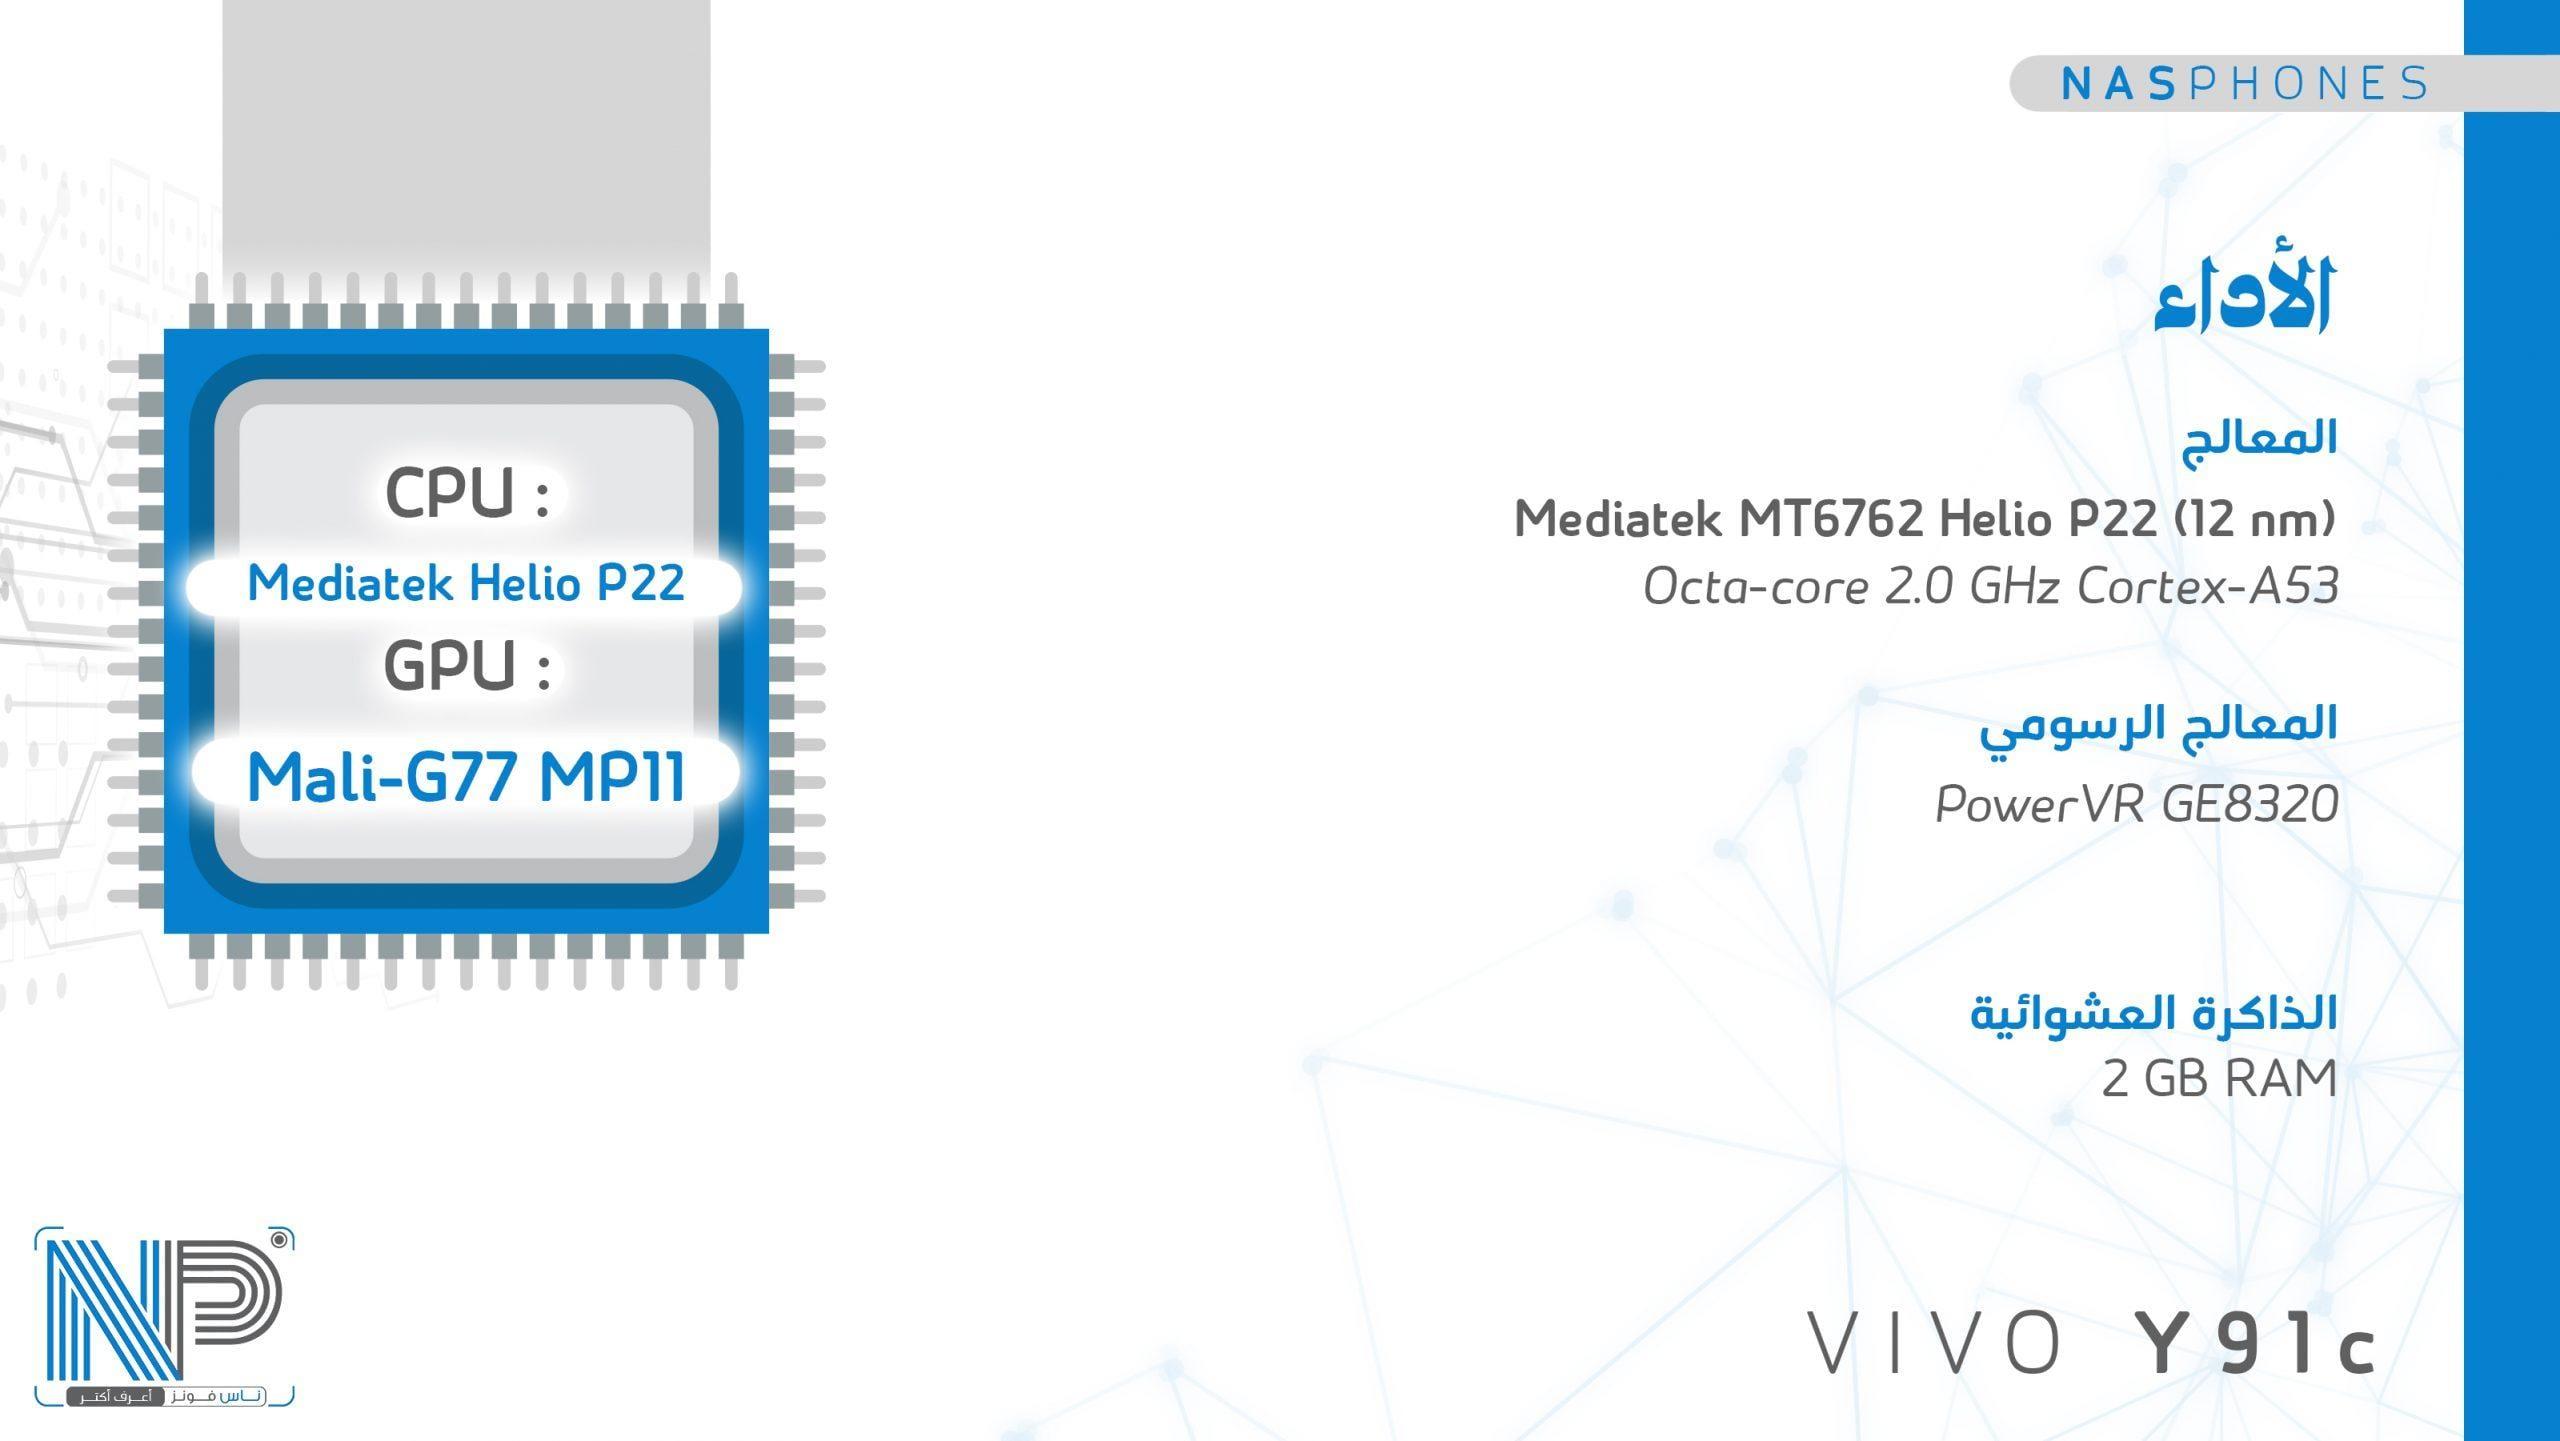 أداء موبايل فيفو Y91c